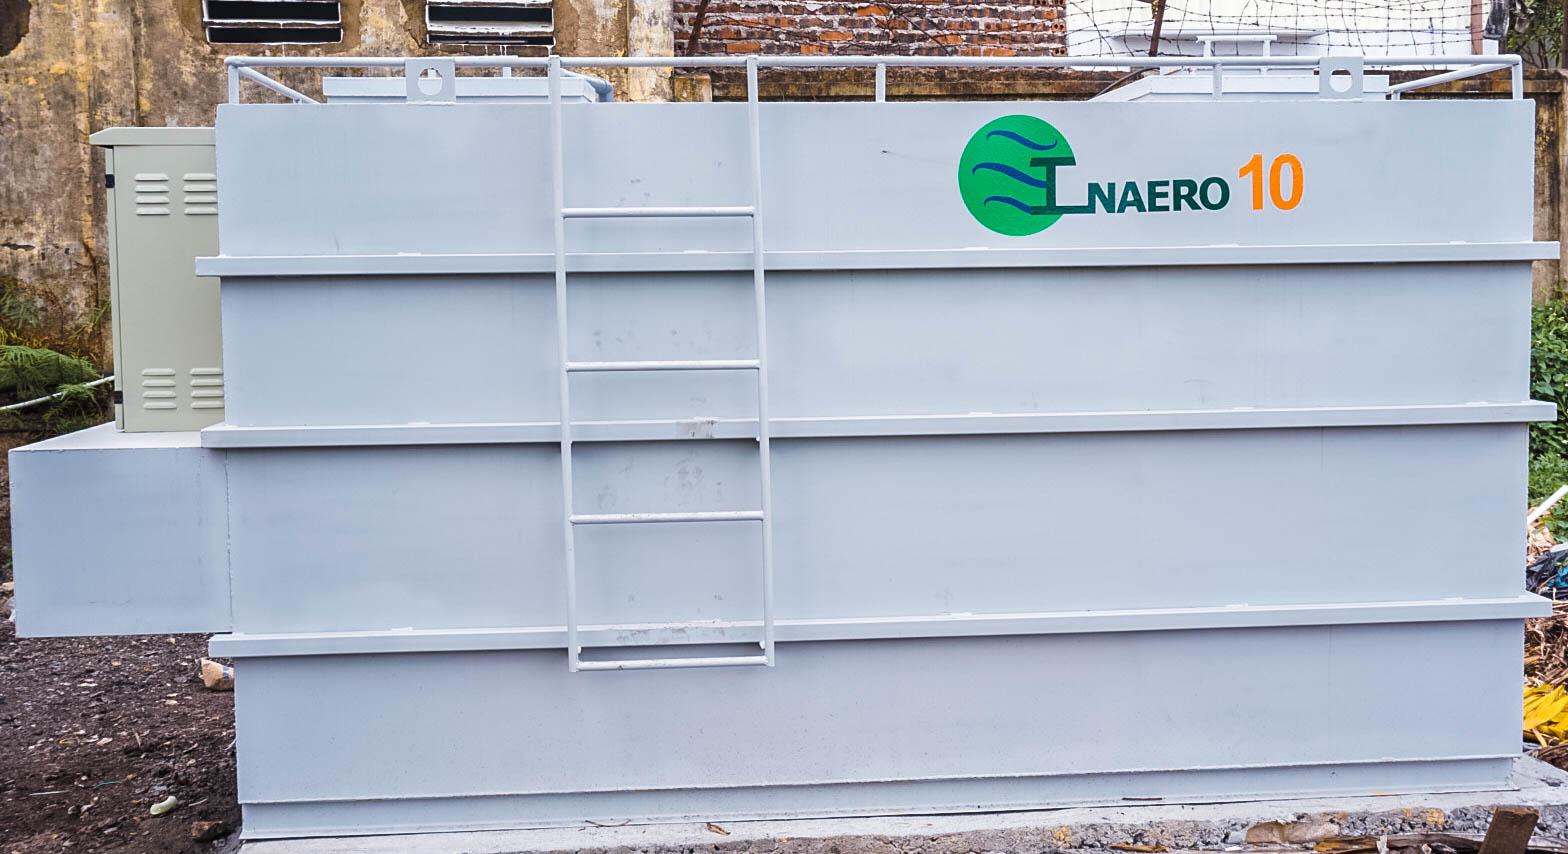 Lắp đặt hệ thống xử lý nước thải Inaero cho Công ty Cổ phần may Hồ Gươm công suất 10m3/ngày đêm